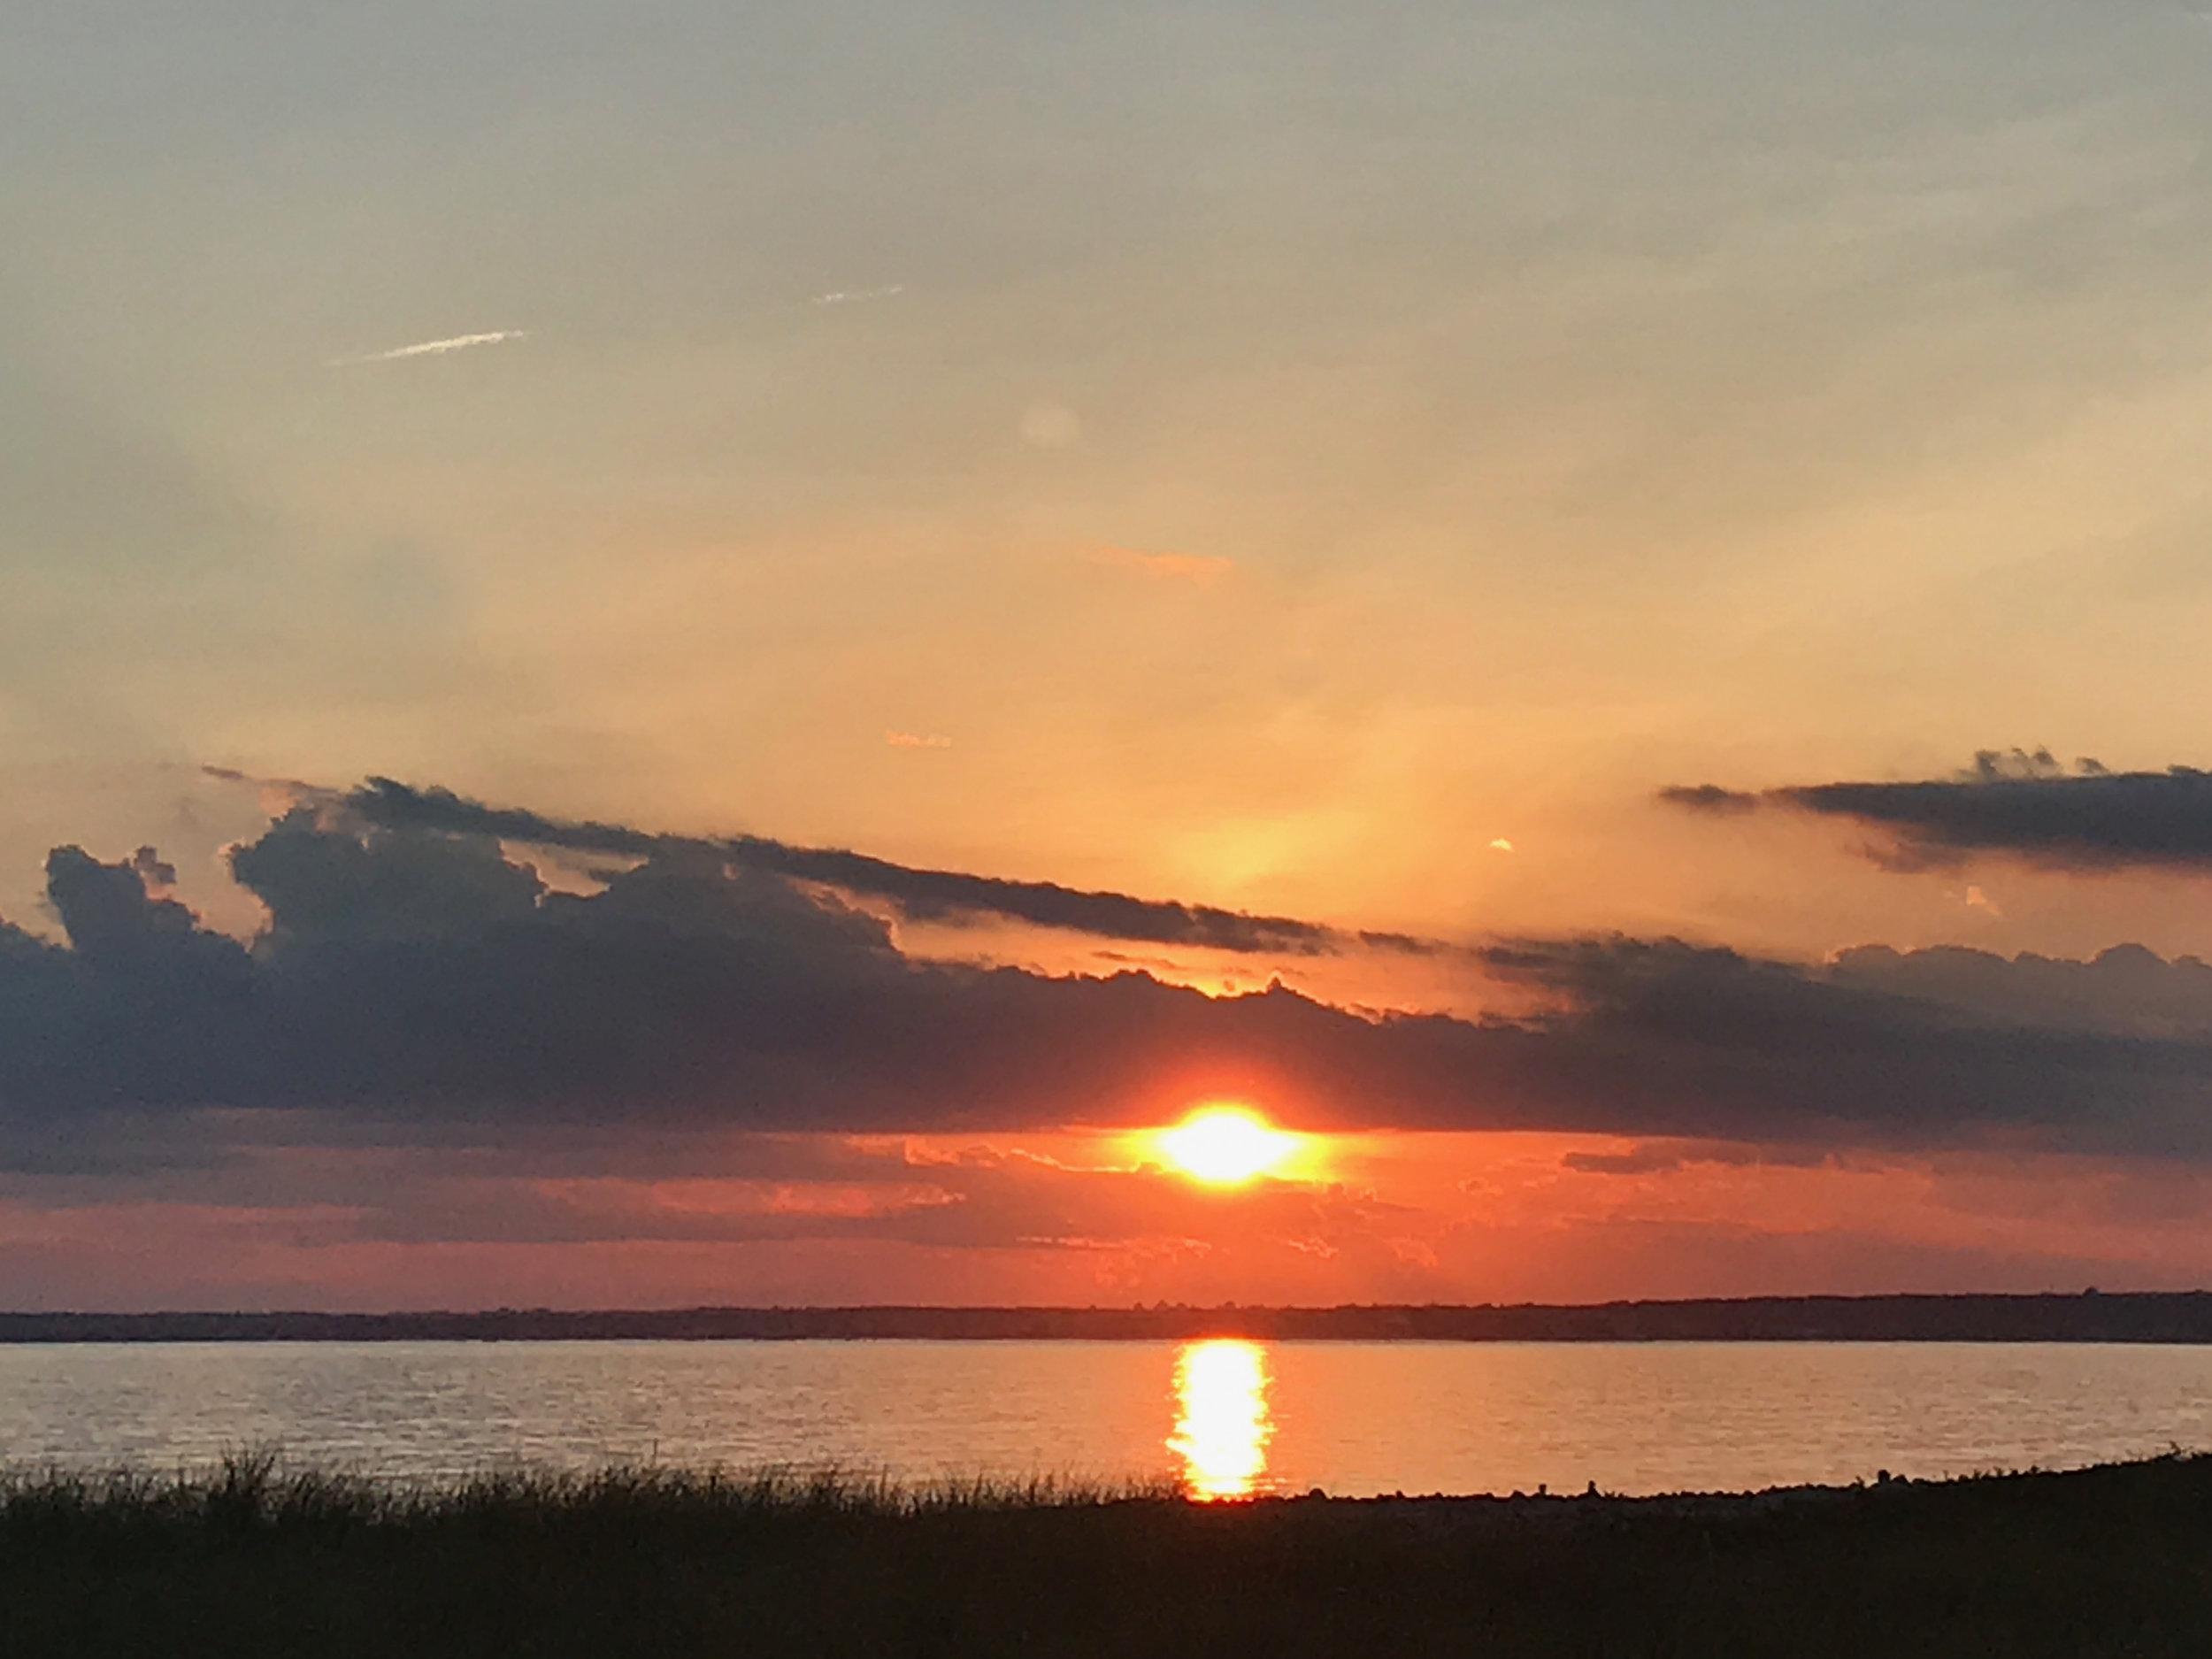 Ahhhh sunset